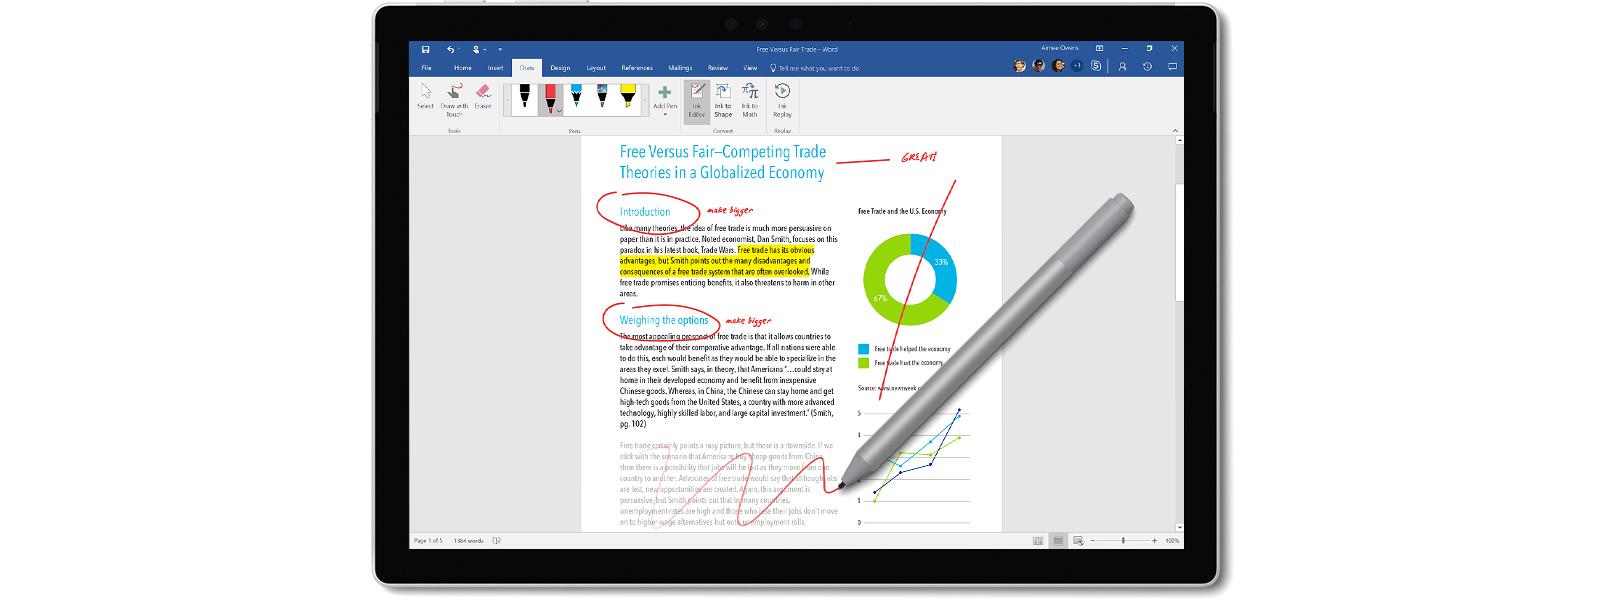 Surface ペンでページを編集しているスクリーンショット。コメント、ハイライト、取り消し線、円で囲んでテキスト選択。